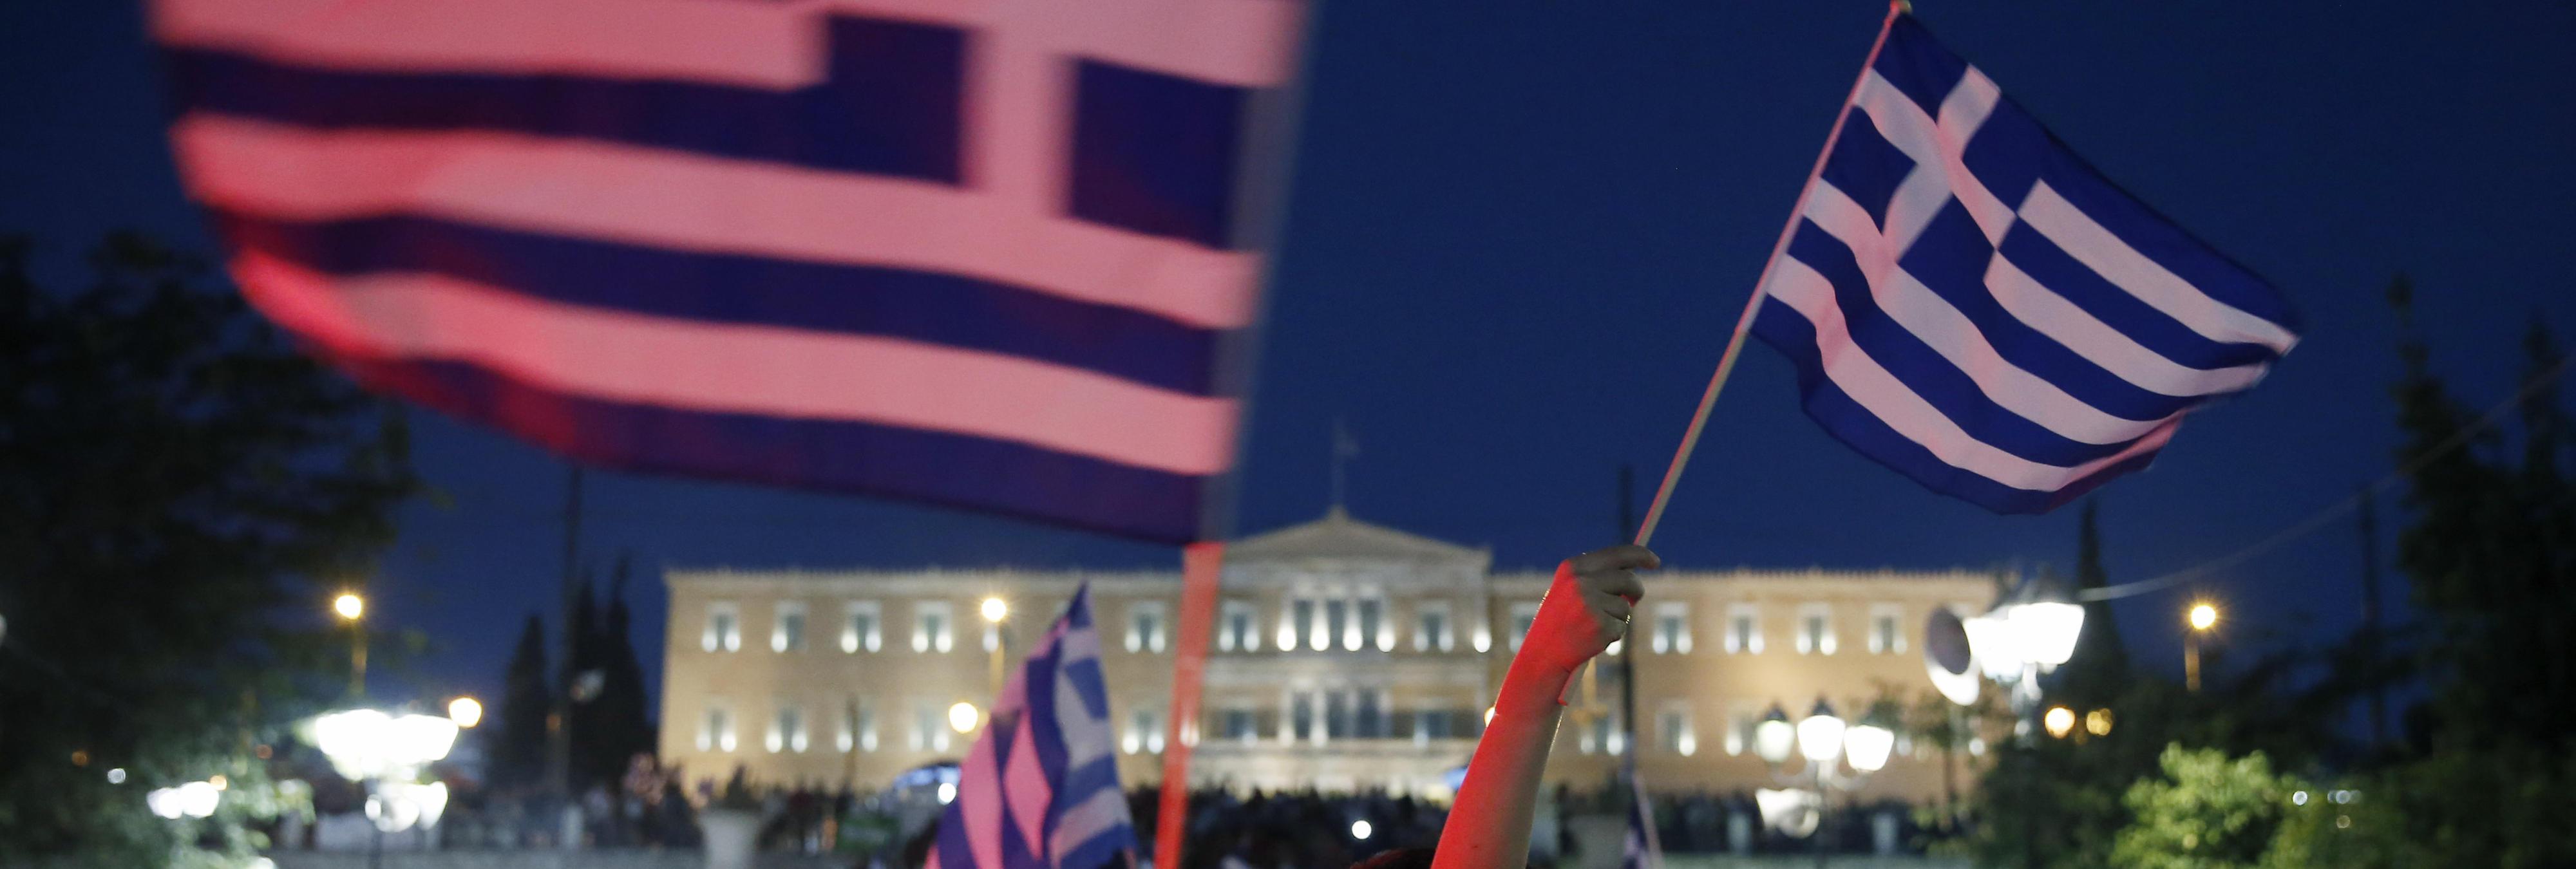 20-S: Grecia vota una vez más